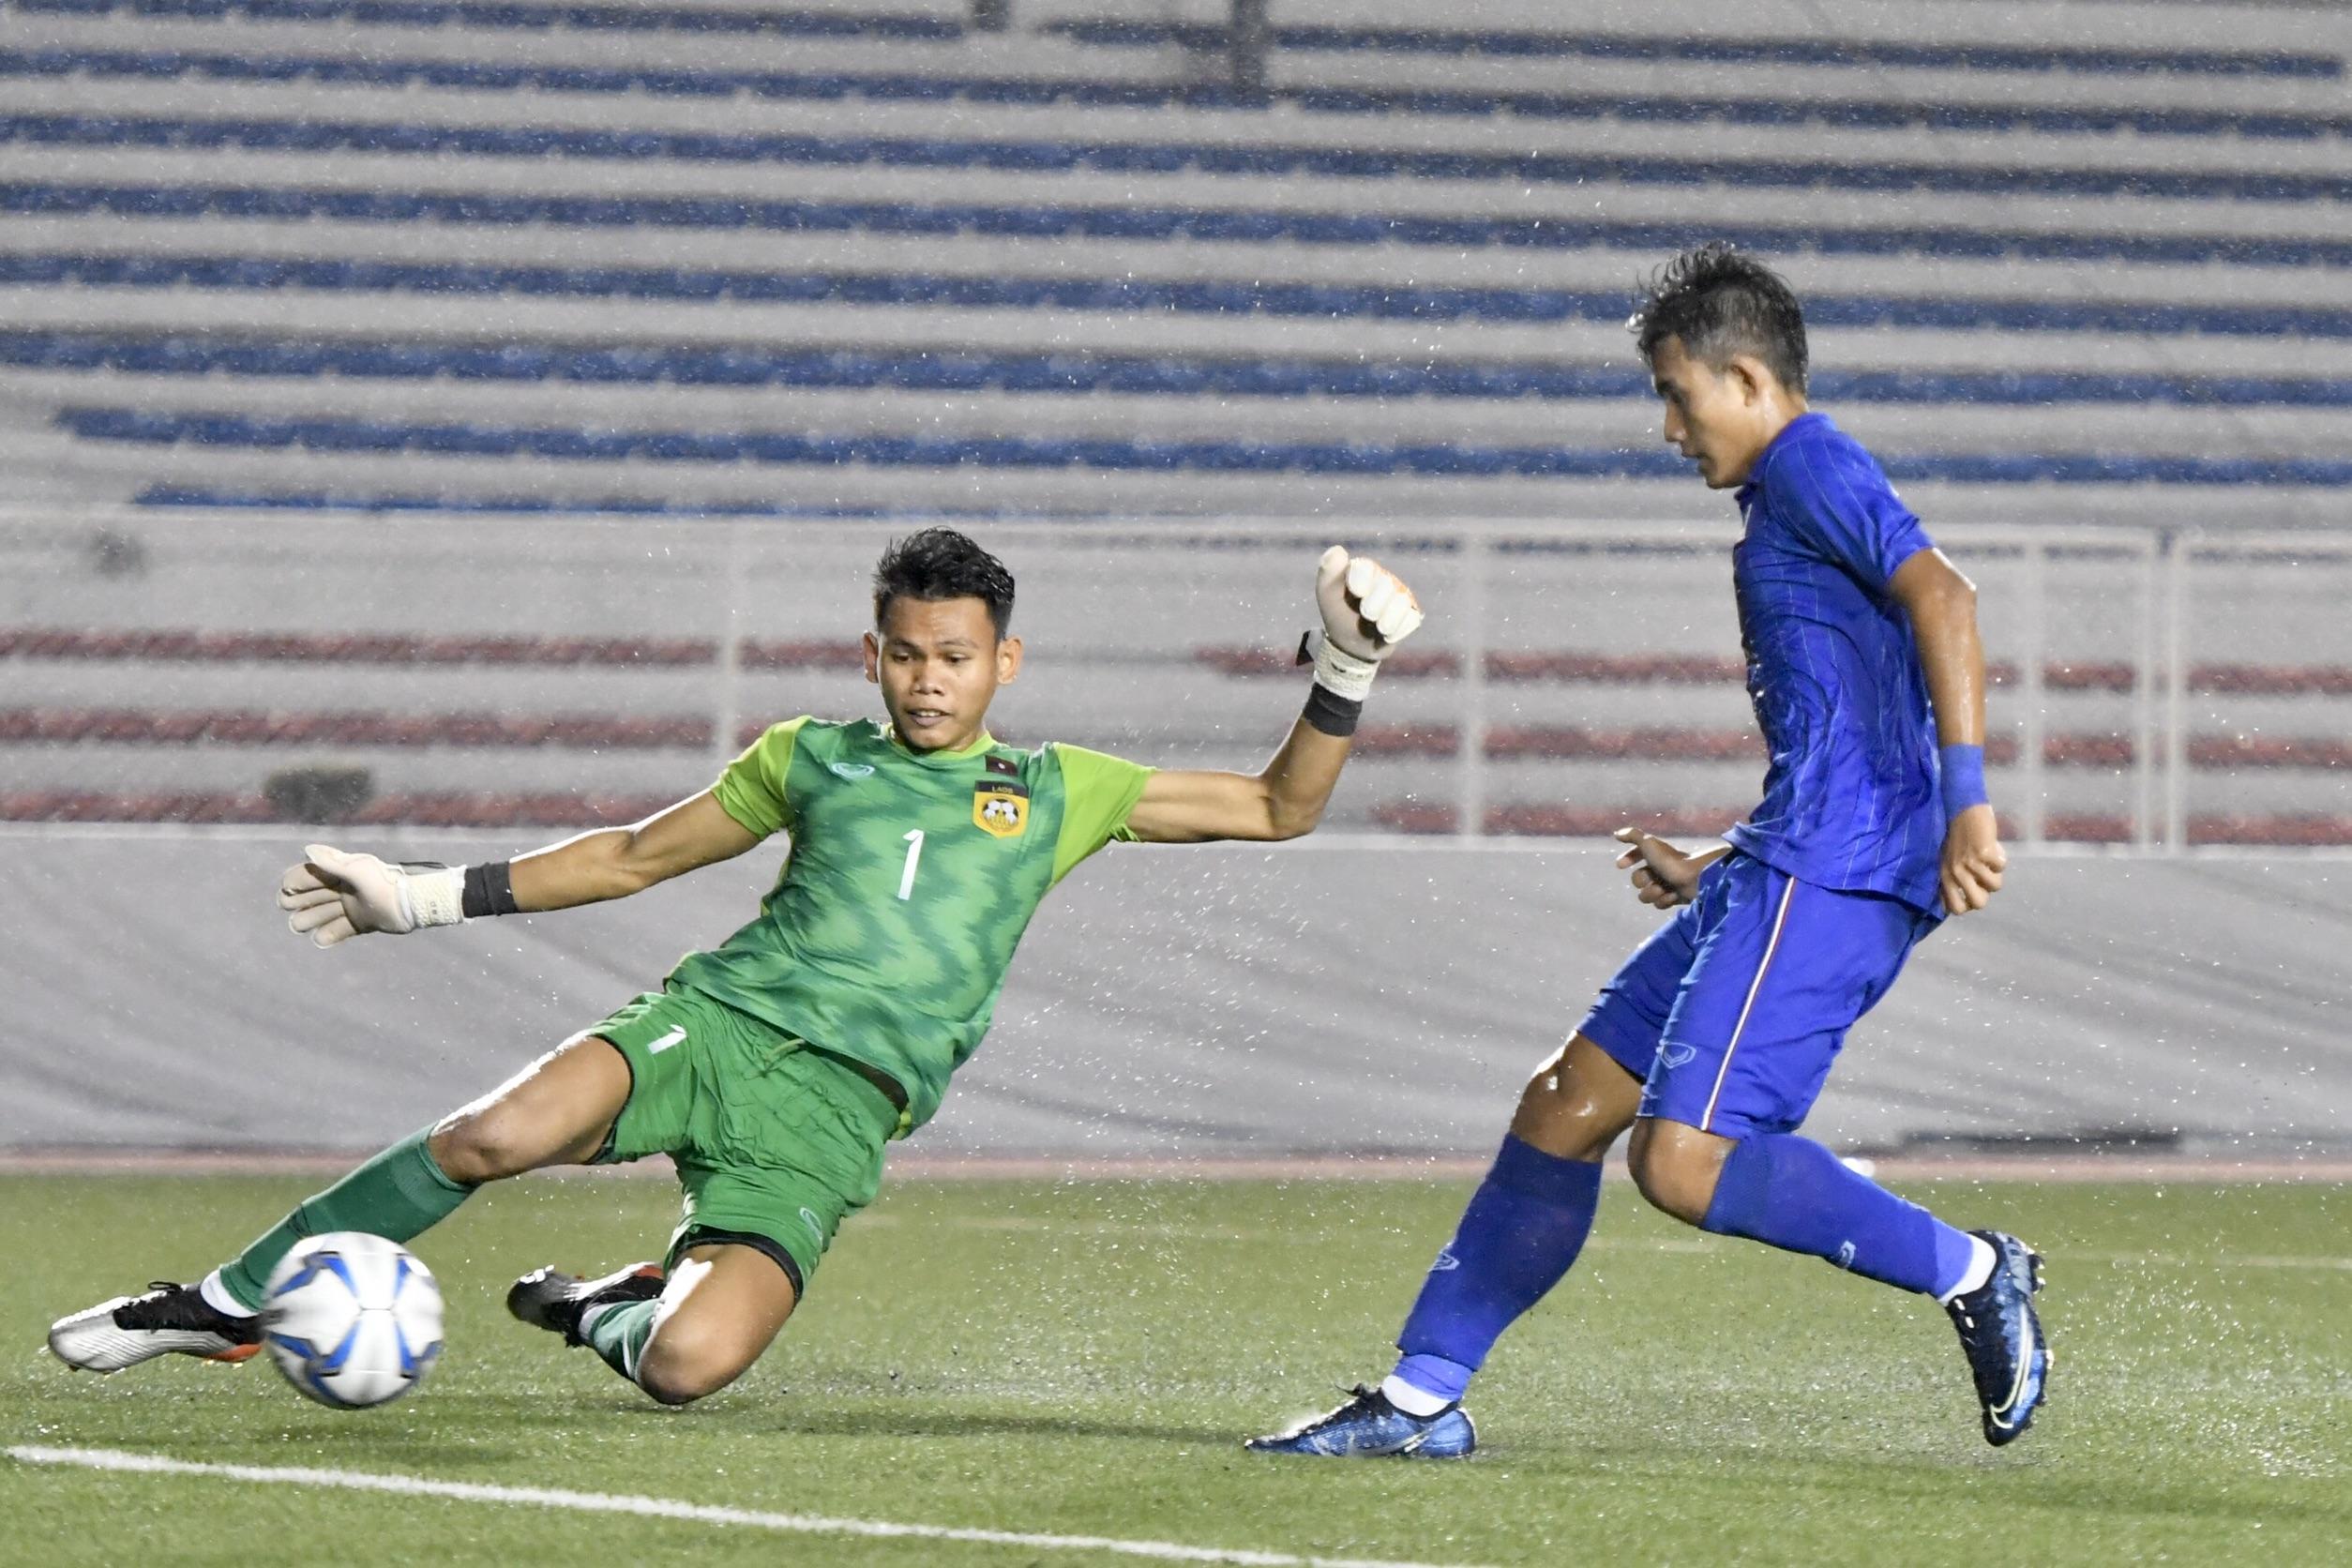 ทีมชาติไทยชุดซีเกมส์2019 ศุภณัฎฐ์ เหมือนตา